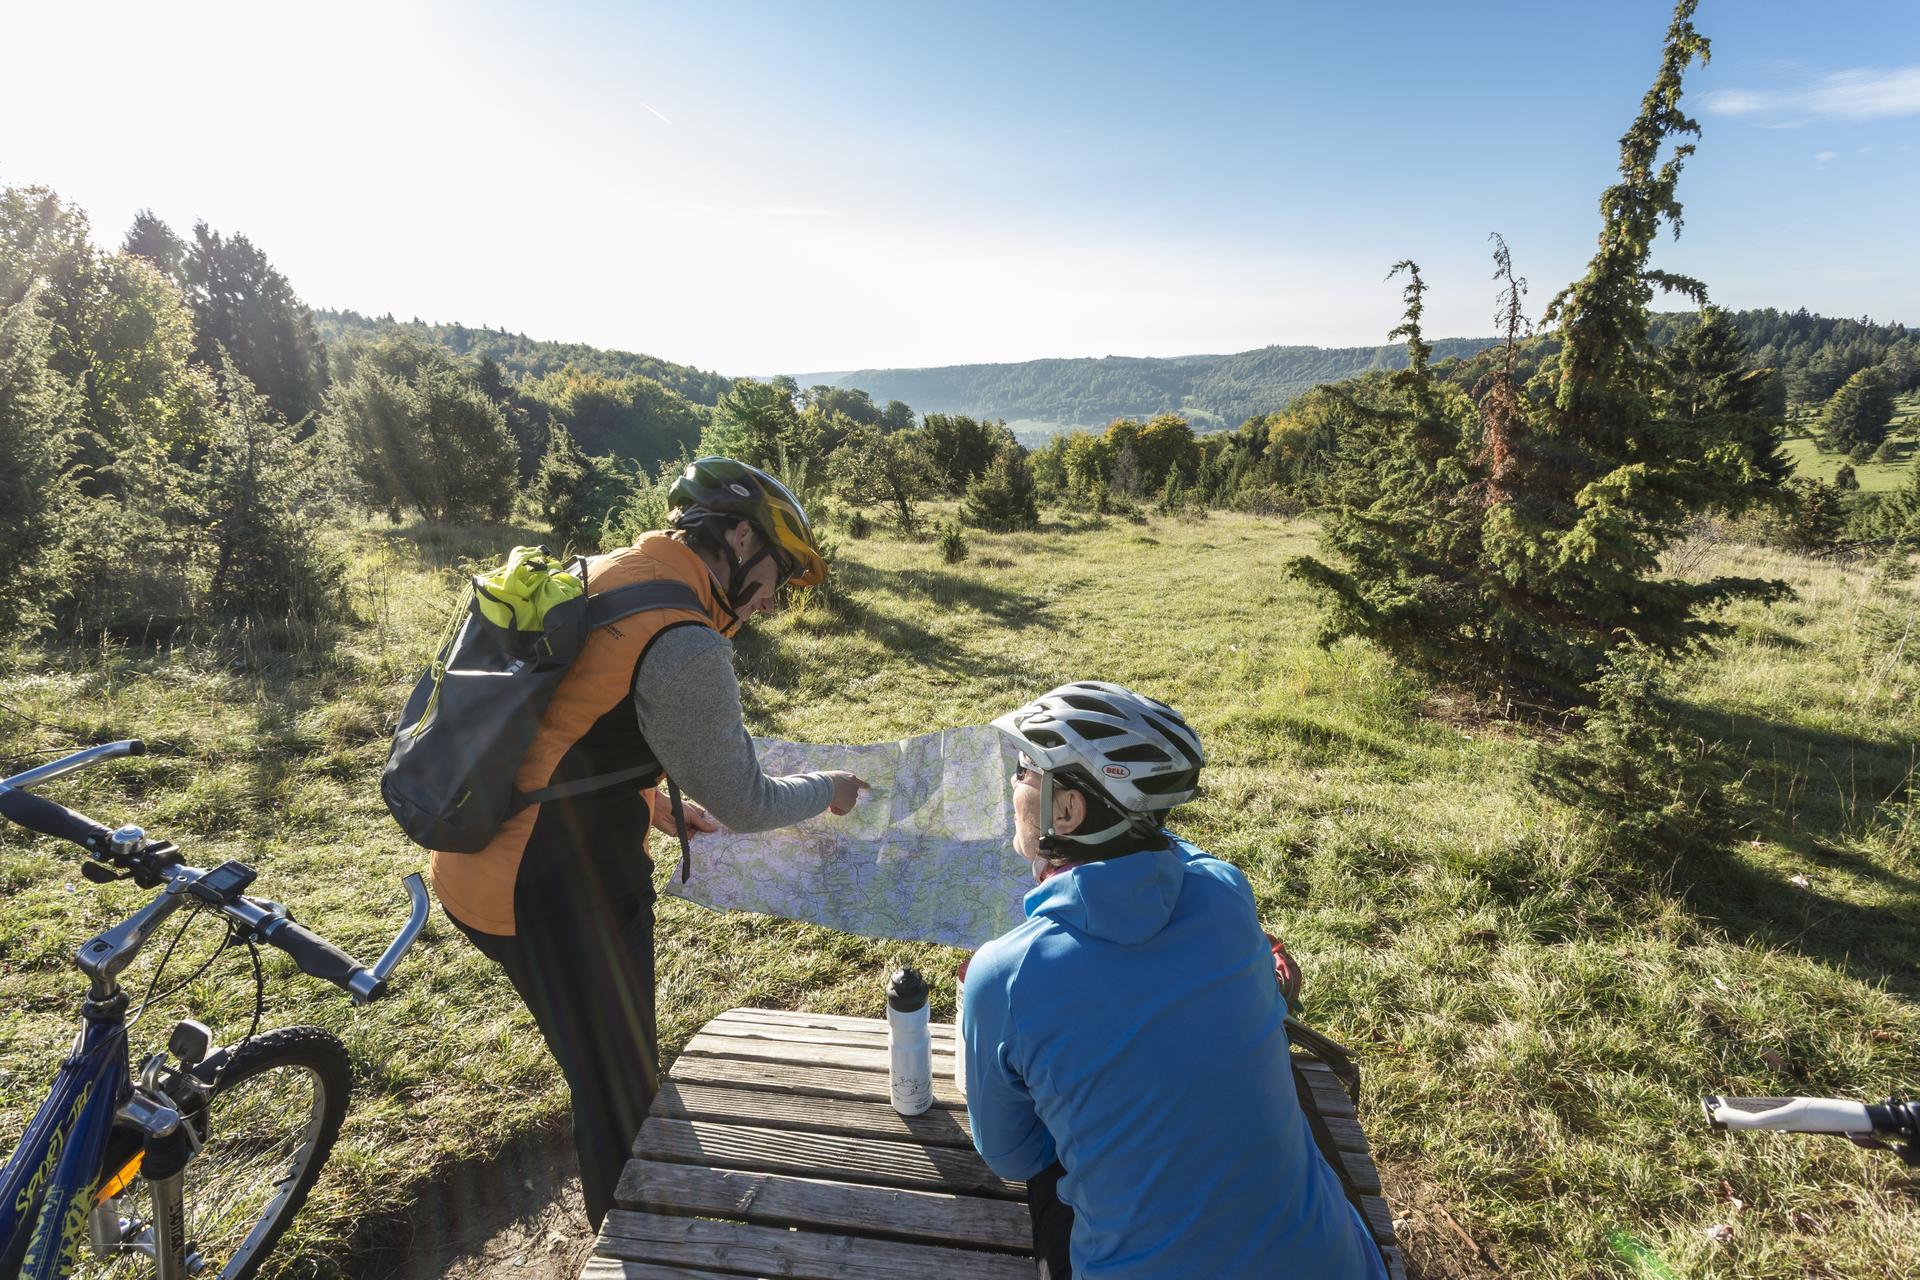 Zwei Radfahrer*innen rasten an einer Holzbank und werfen einen Blick in die Landkarte. Eine zeigt darauf. Neben ihnen ein Fahrrad. Vor ihnen der weite Blick über Tannenwälder und vereinzelte Wacholderheiden auf der Wiese. Die Sonne scheint.